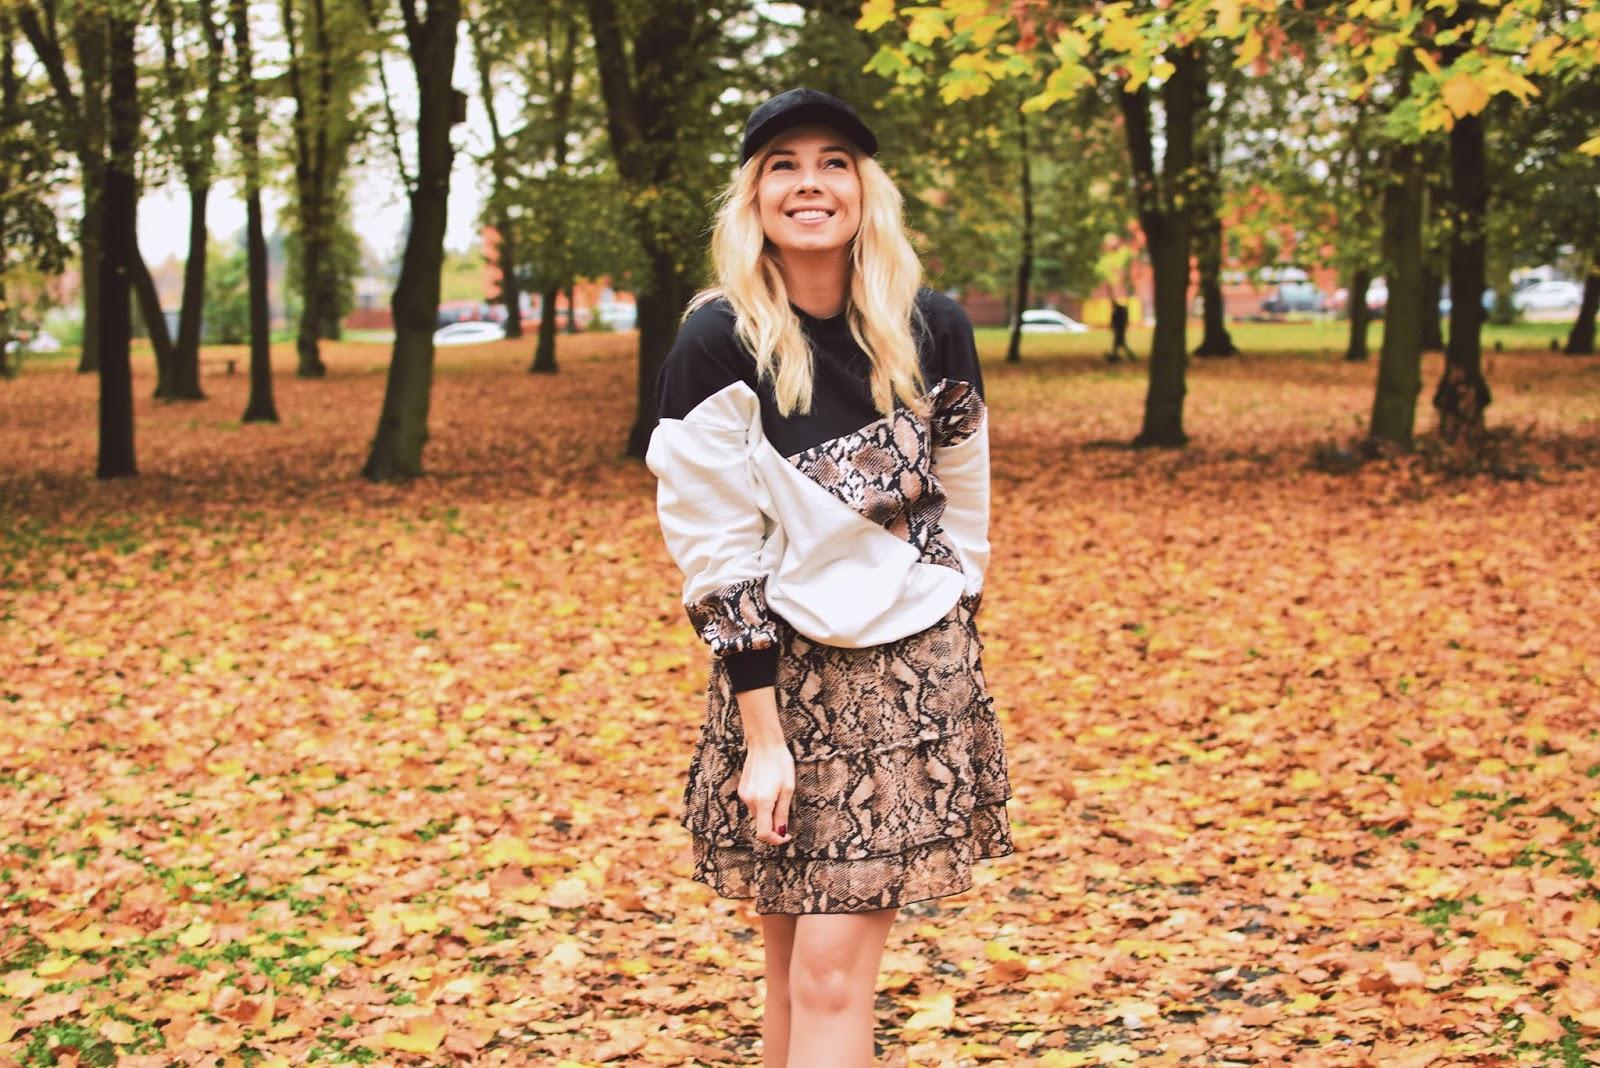 bluza, bonprix, bonprix.pl, czapka, jesień, moda, plantwear, spódniczka, szaleo, szpilki, wężowywzór